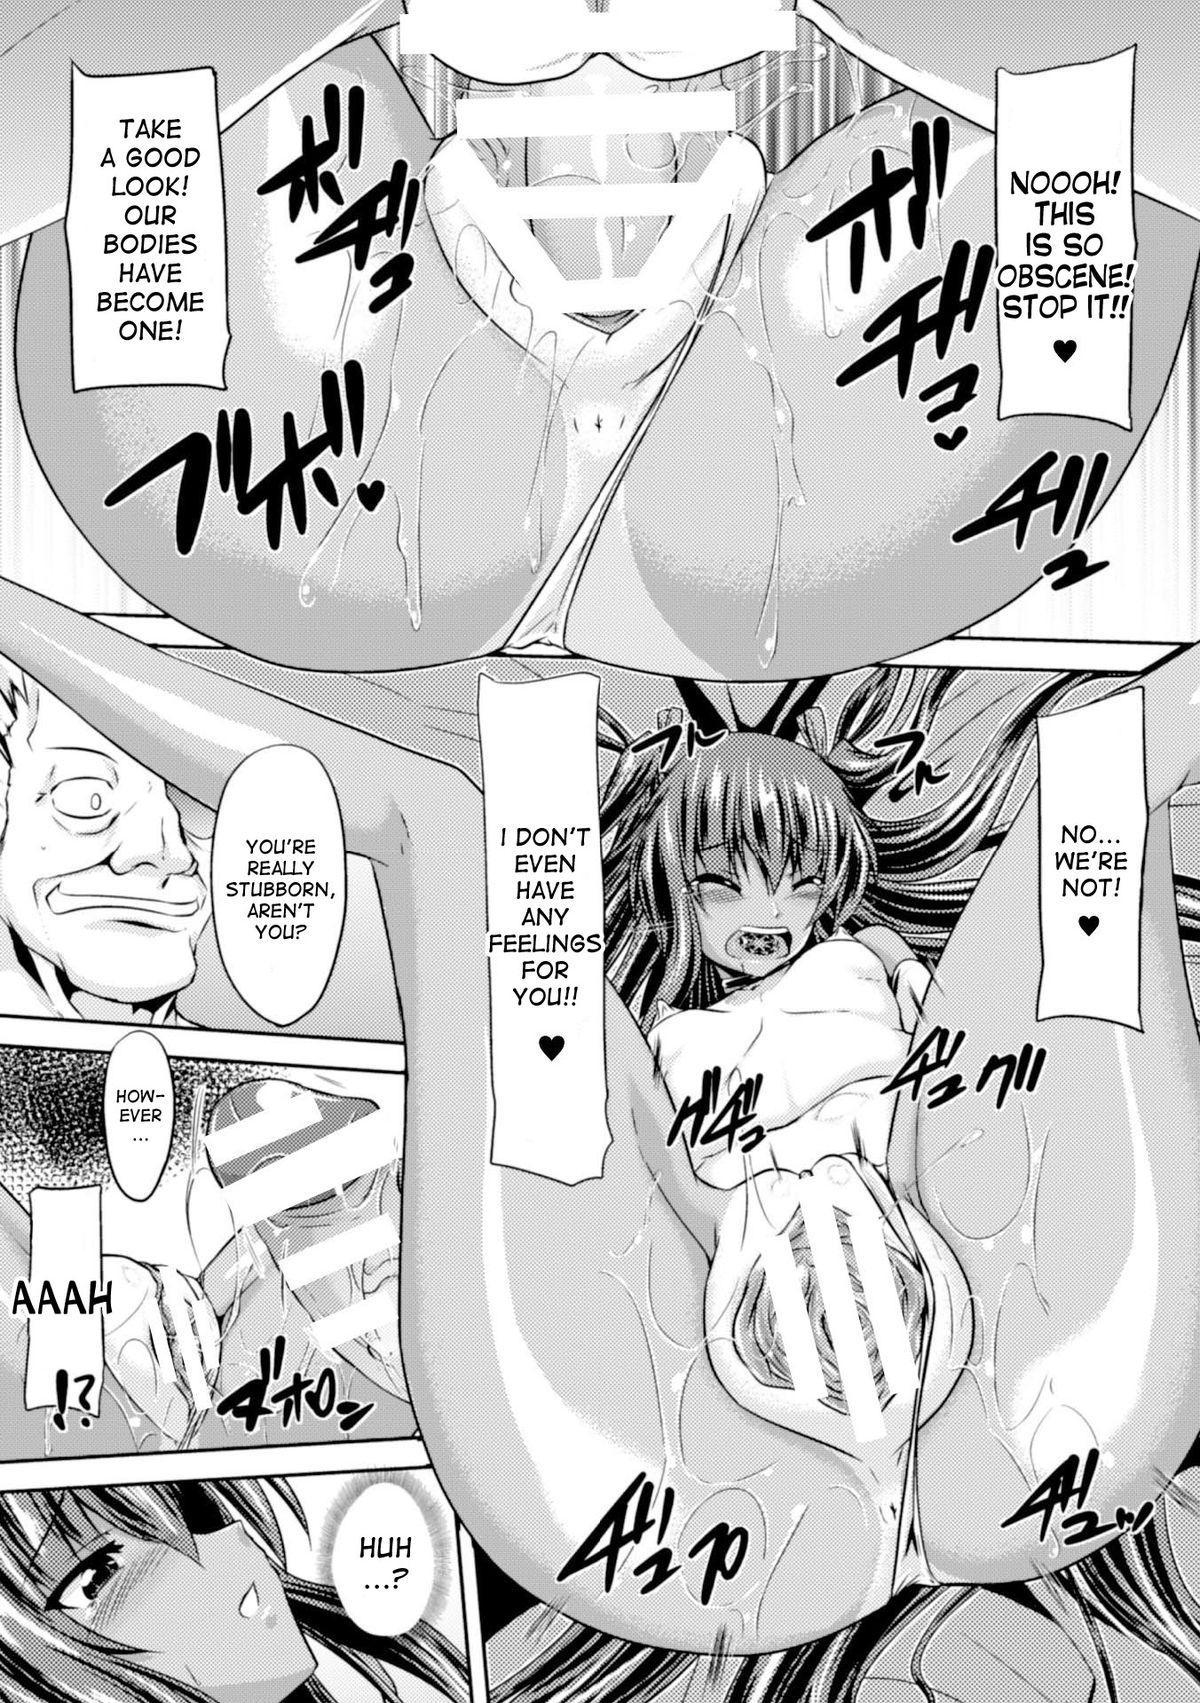 [Gonzaburo-] Taimanin Yukikaze - Taimanin wa Ingoku ni Shizumu #1-6 | Taimanin Yukikaze - Taimanin's fall into the lewd hell #1-5 [English] [desudesu] [Digital] 48